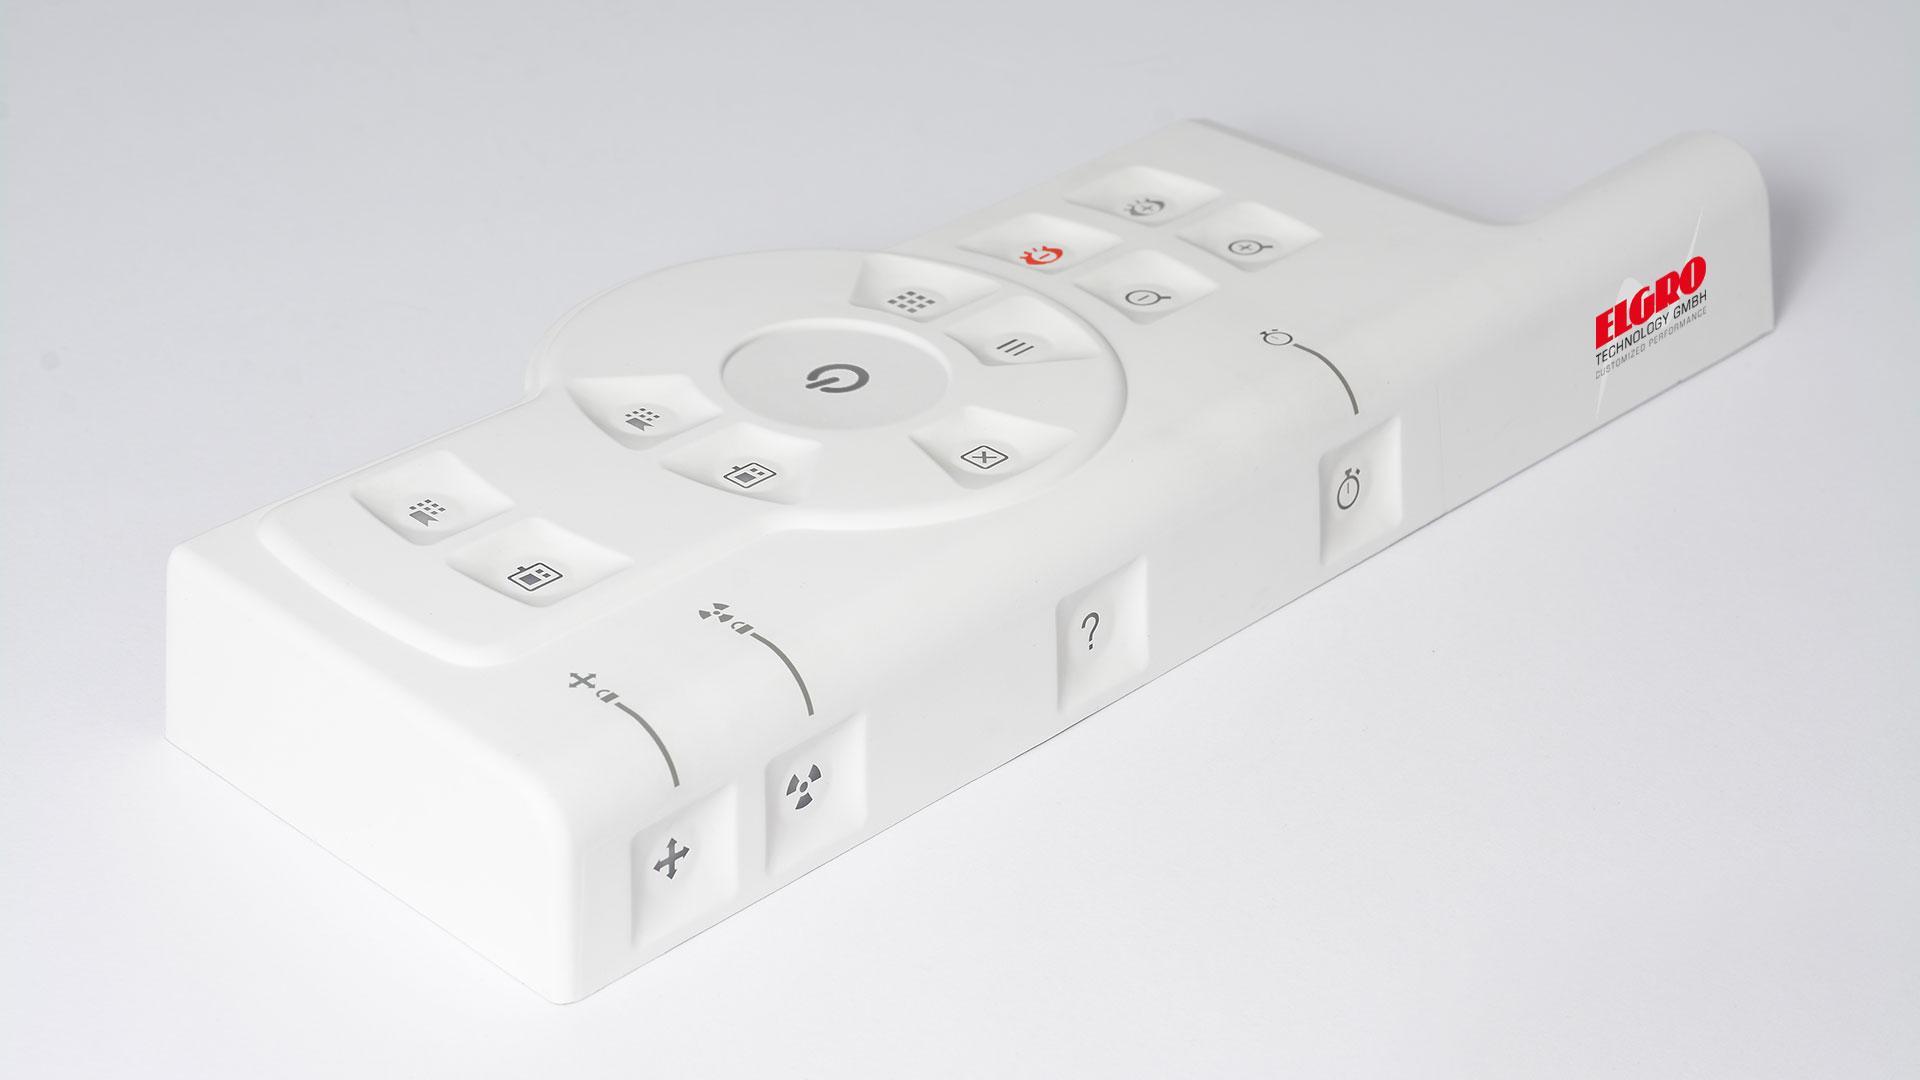 Kunststoff-Gehäuse mit Silikon-Bedienoberfläche - Beispiel 13